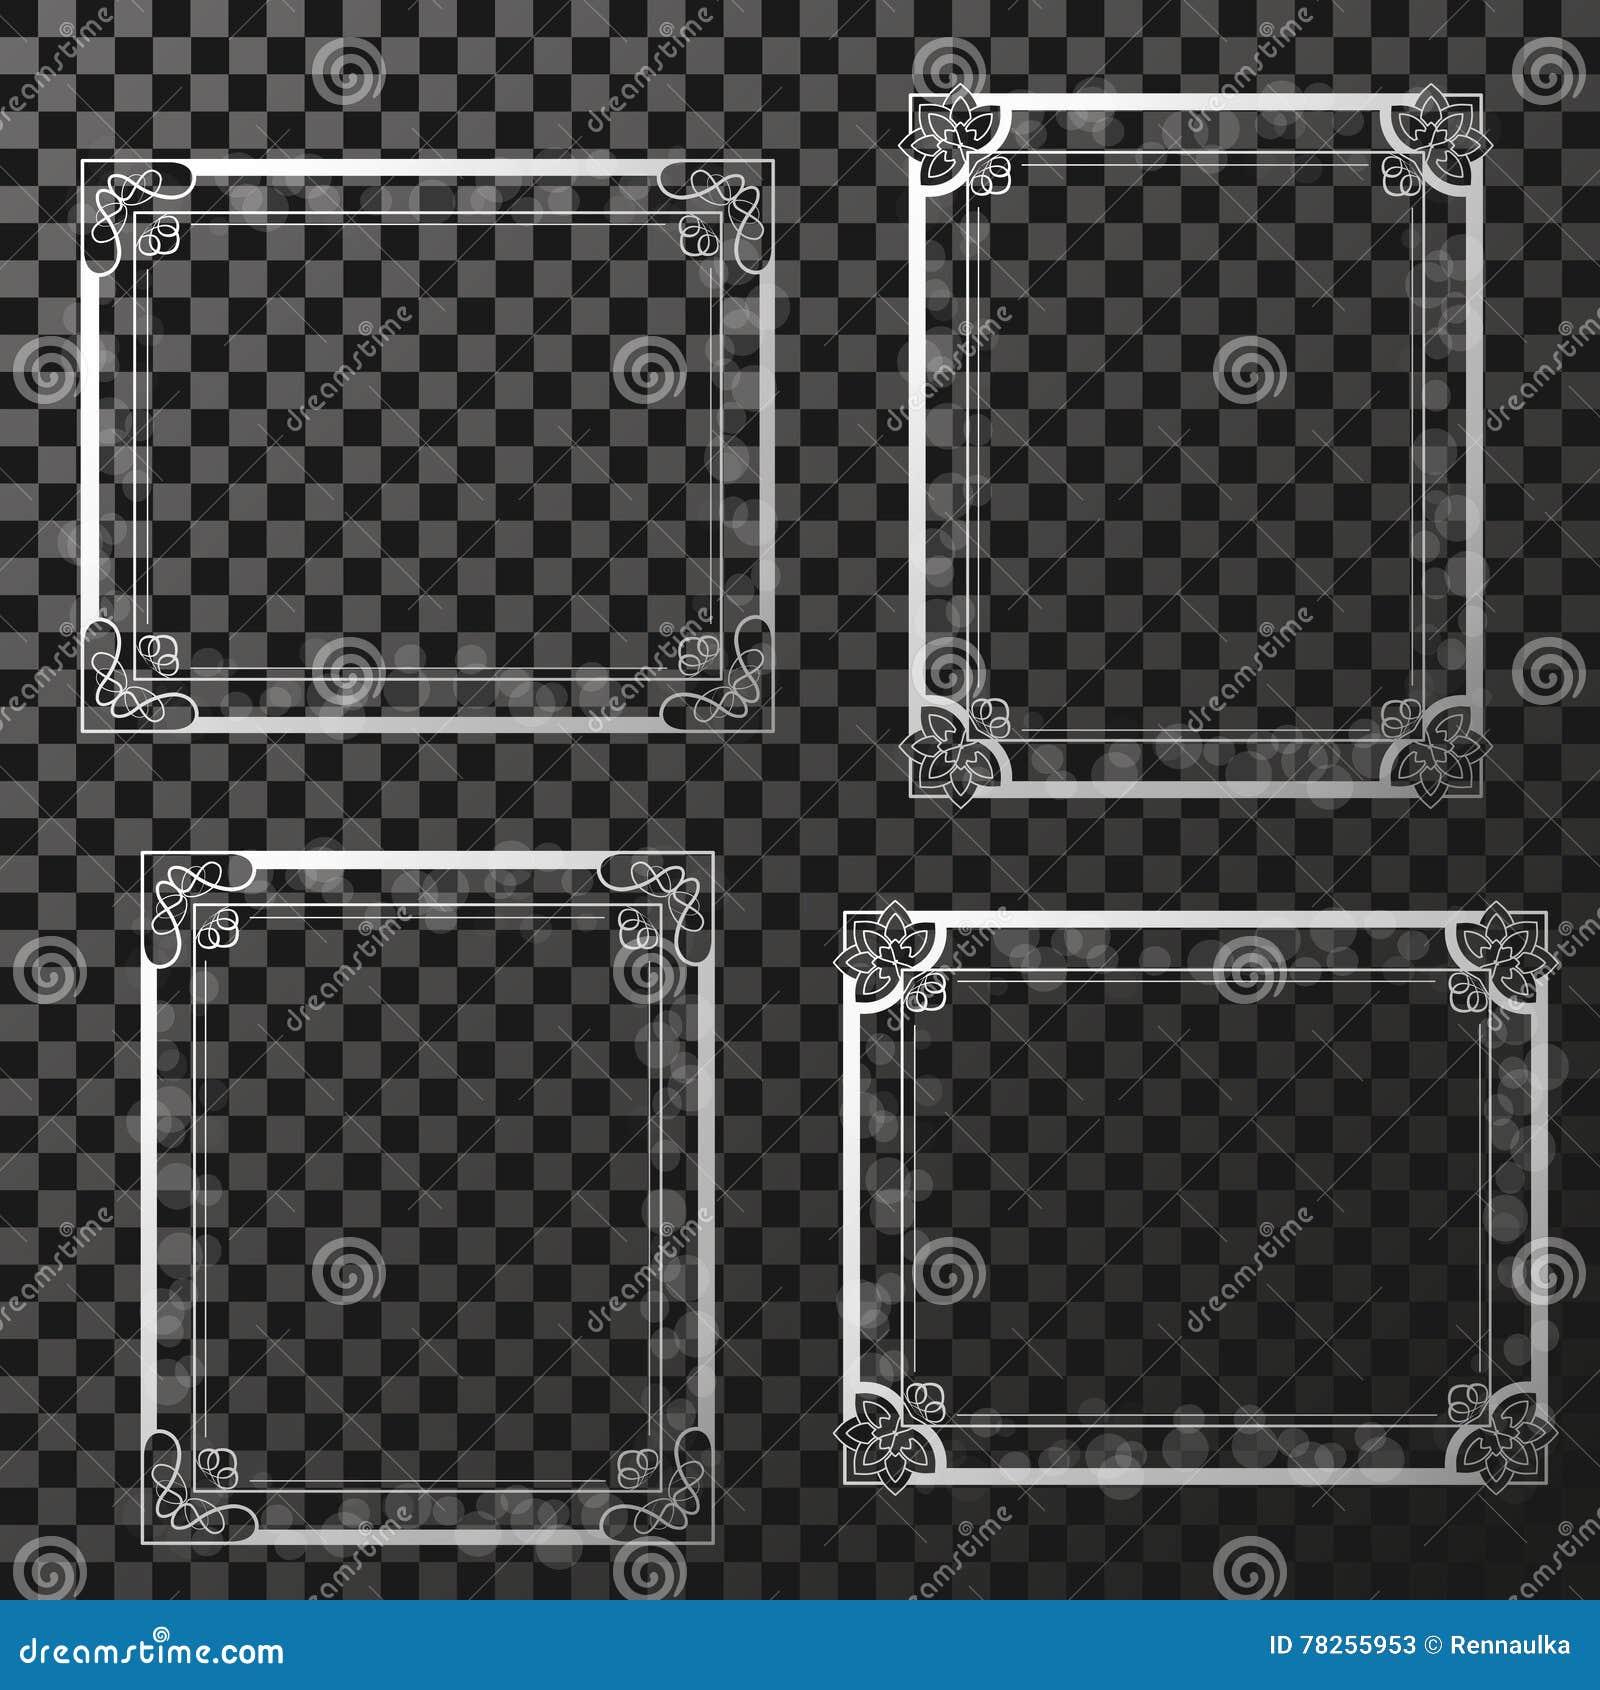 Τα ασημένια πλαίσια με την εγκύκλιο διαφάνειας ακτινοβολούν Πλαίσια ορθογωνίων διακοσμήσεων για τη φωτογραφία σας σύνορα διακοσμη